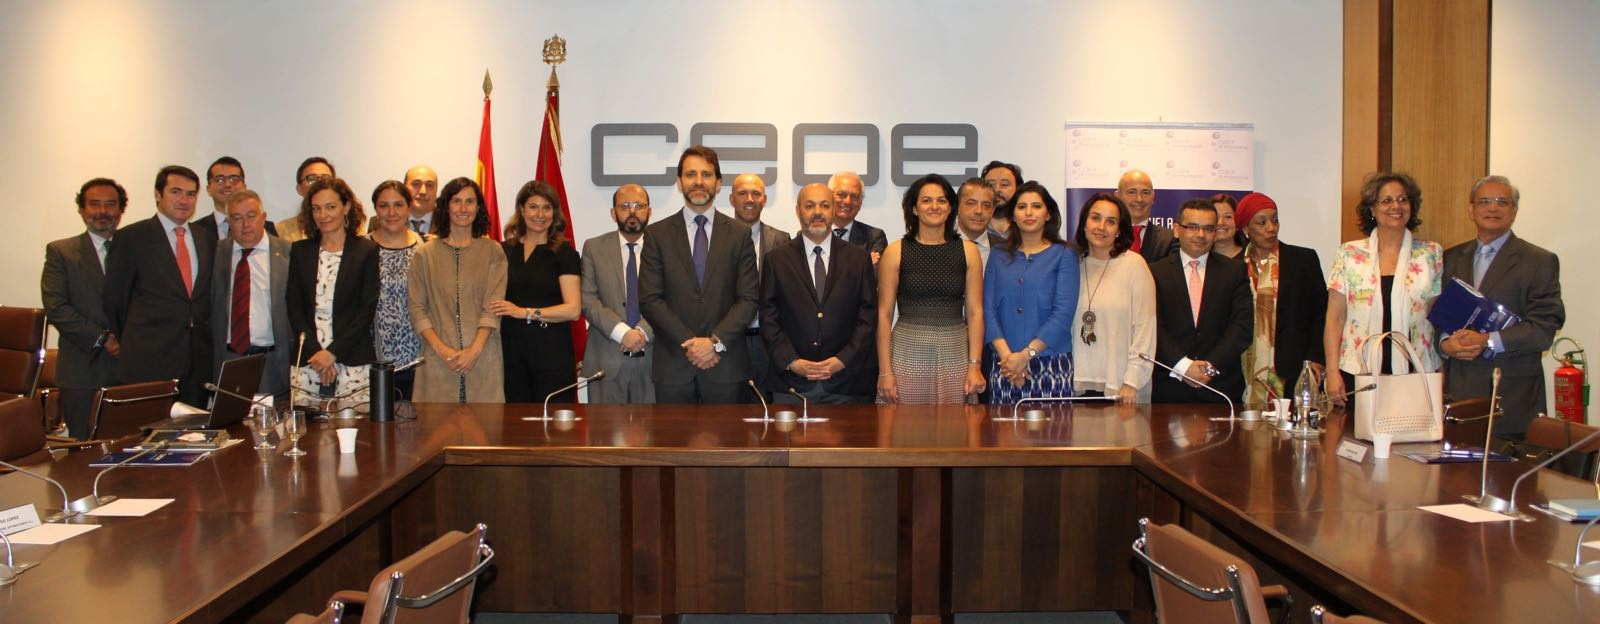 Primera promoción del programa de acompañamiento para la internacionalización de Empresas Españolas en Marruecos